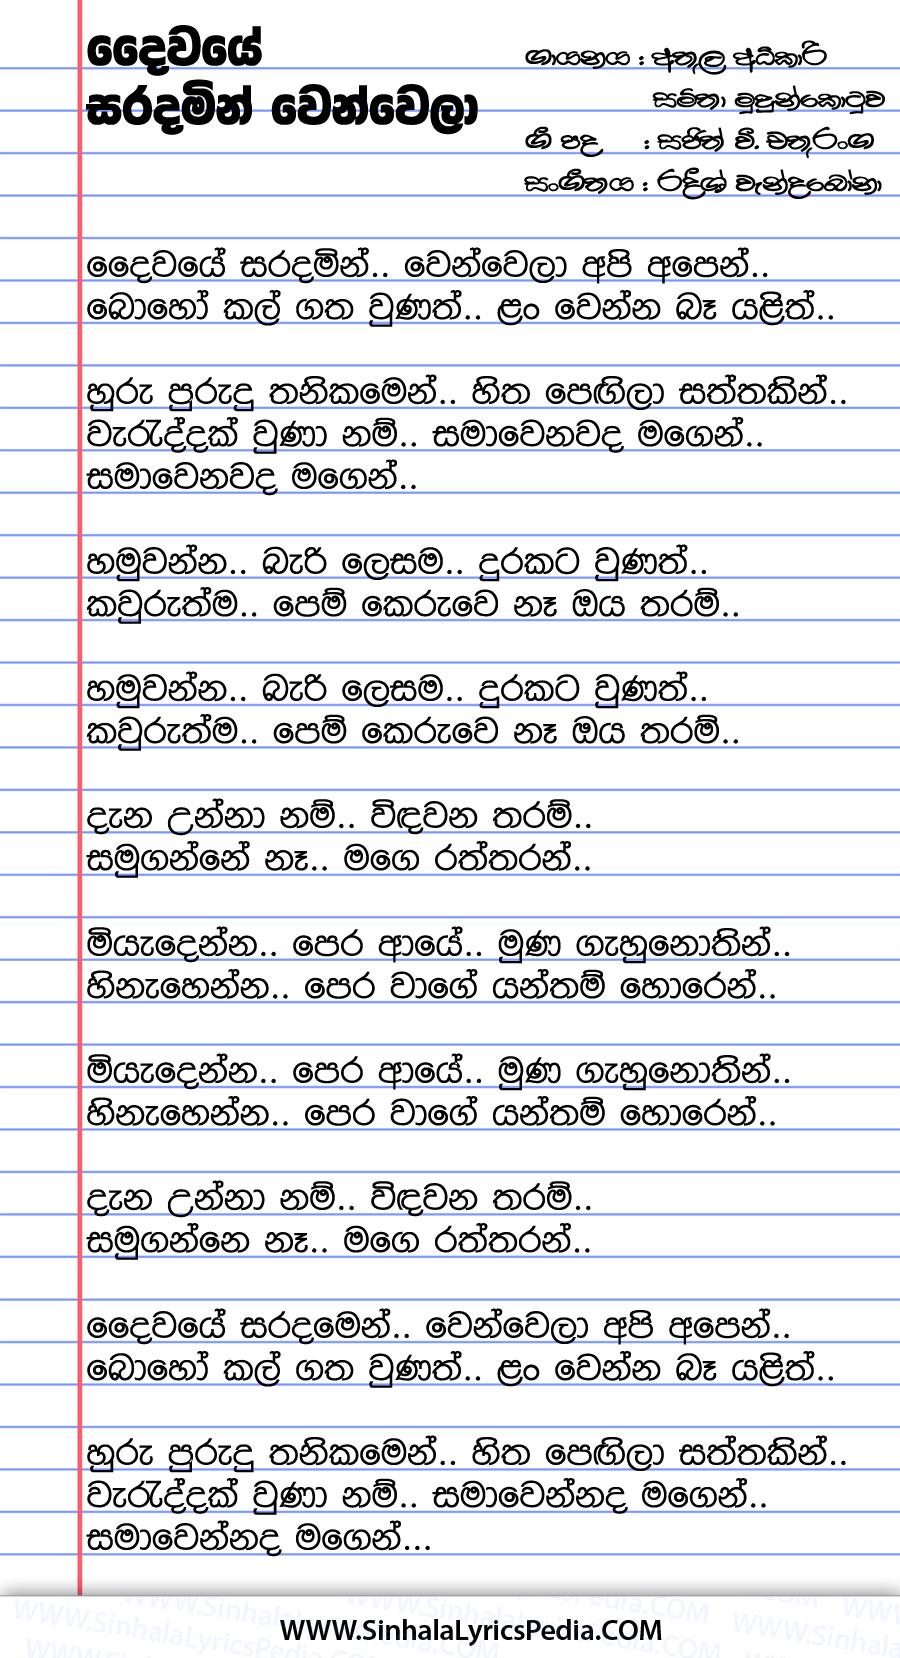 Daiwaye Saradamin Wen Wela Song Lyrics